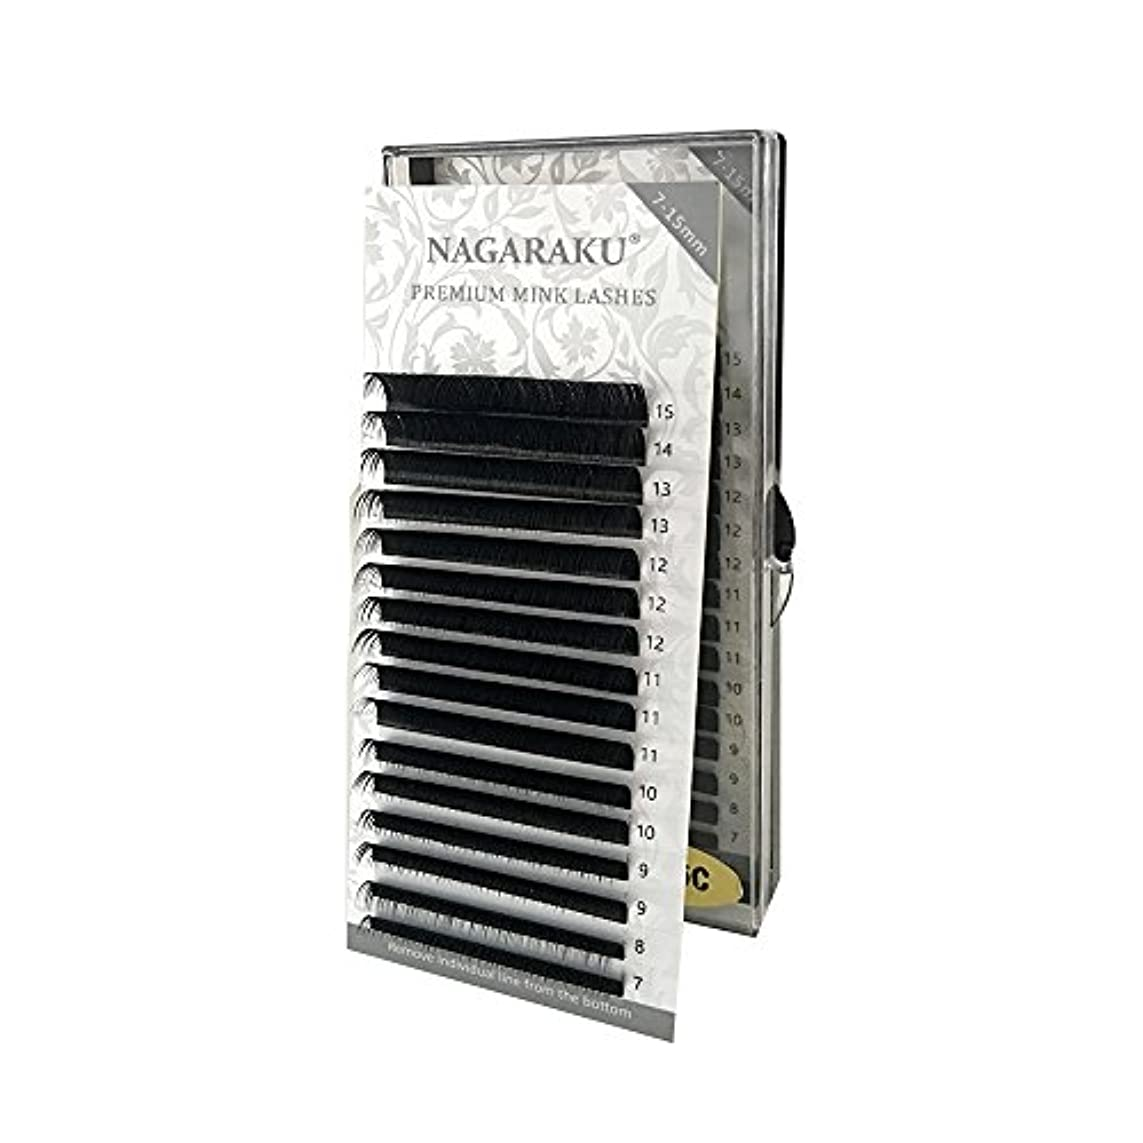 習慣修正する資源NAGARAKU 太さ0.10mm Cカール 7~15mmミックス まつげエクステ